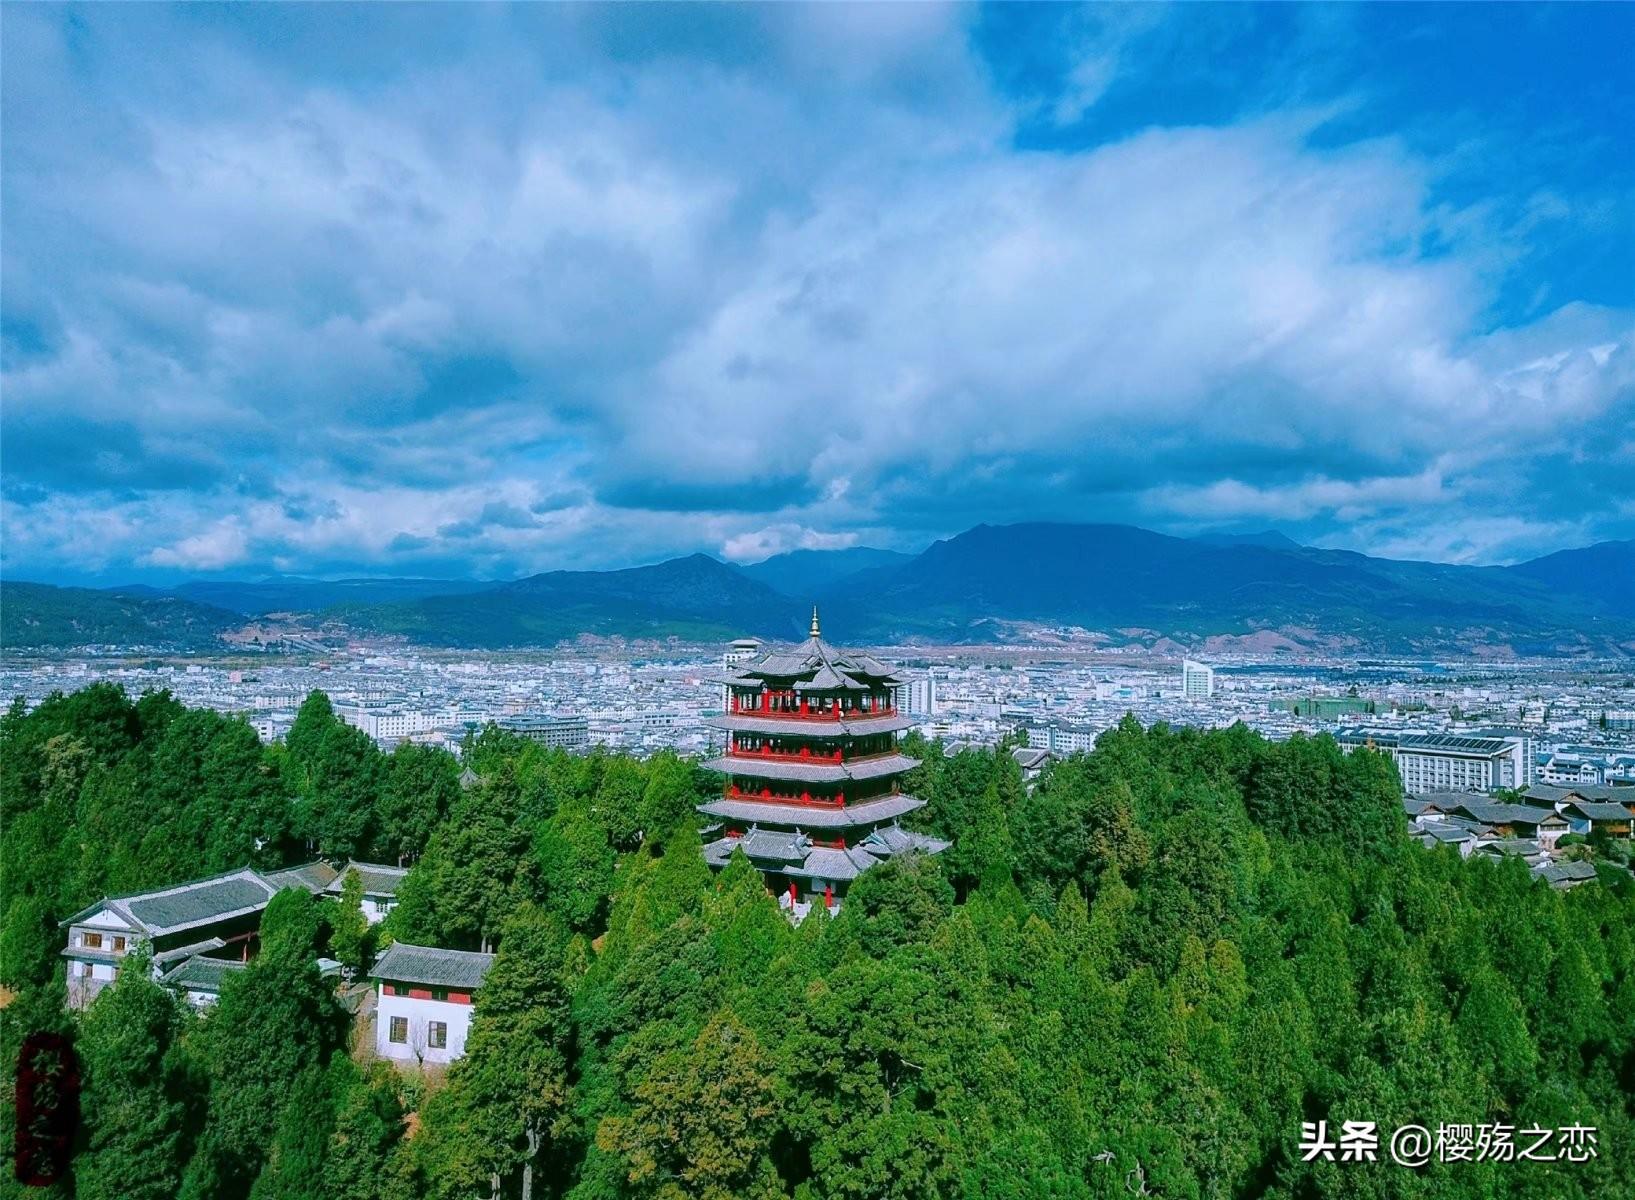 国庆节各大省份旅游收入排名,四川遥遥领先,江西表现抢眼